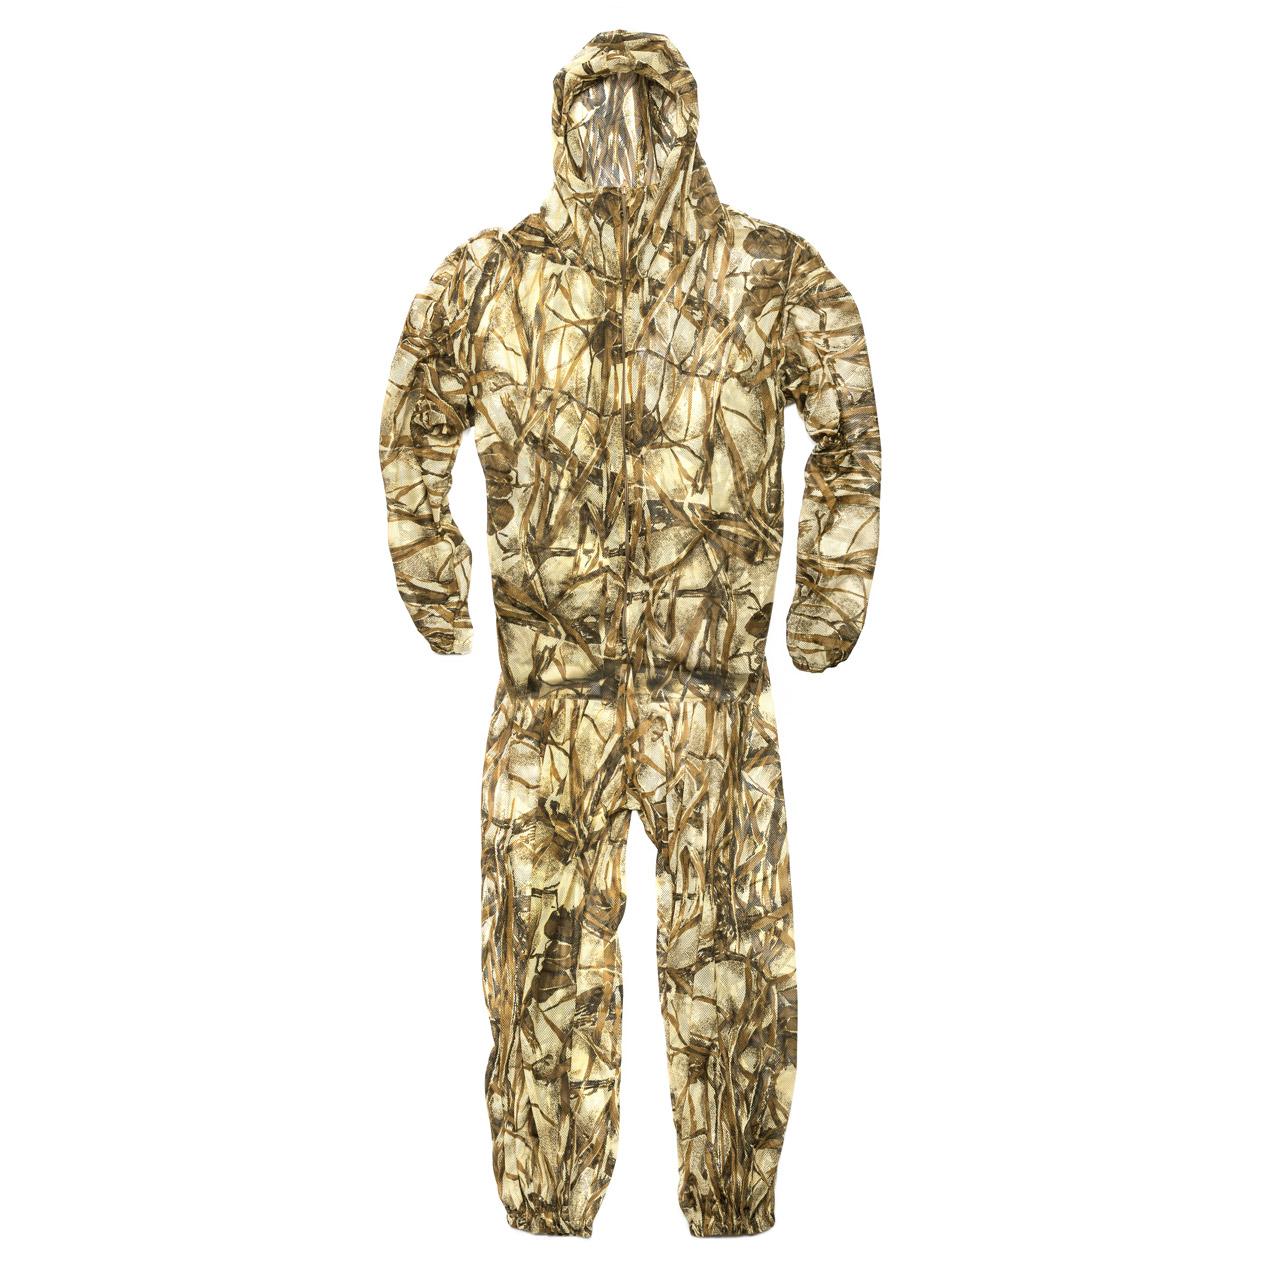 Фото № 3 Маскировочный костюм К-103 - купить по доступным ценам